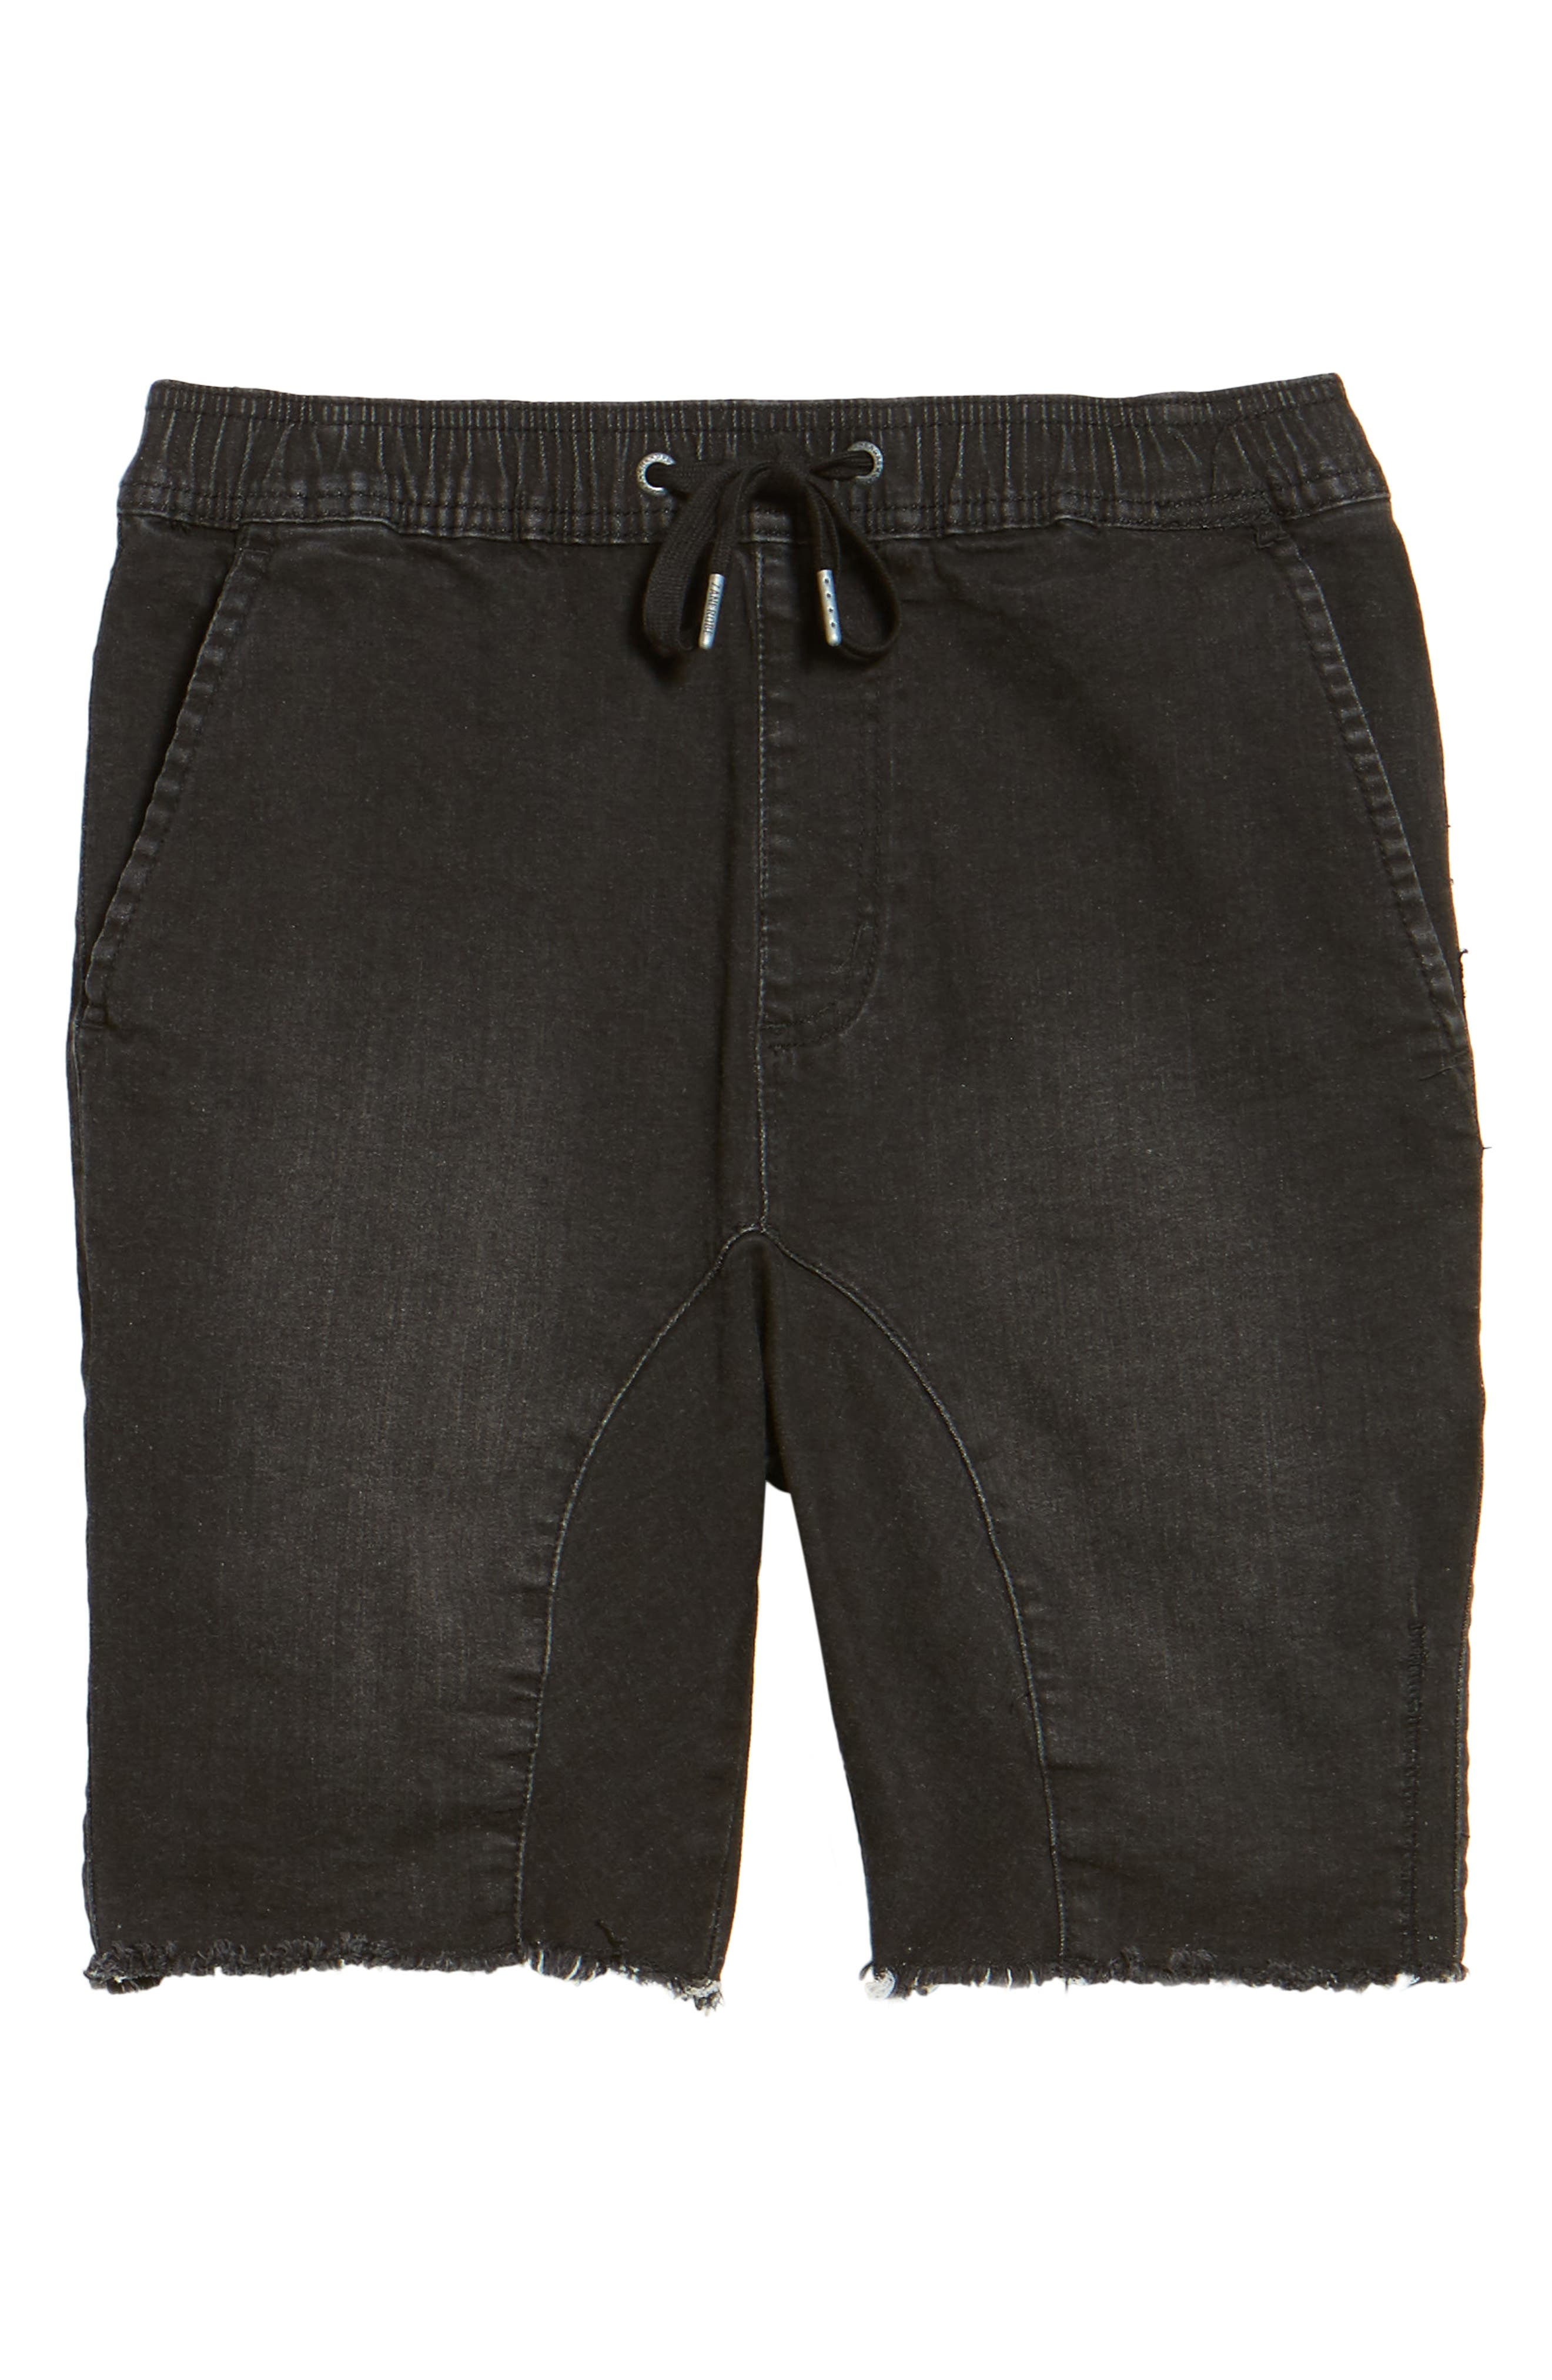 Sureshot Chino Shorts,                             Alternate thumbnail 6, color,                             BLACK WASH